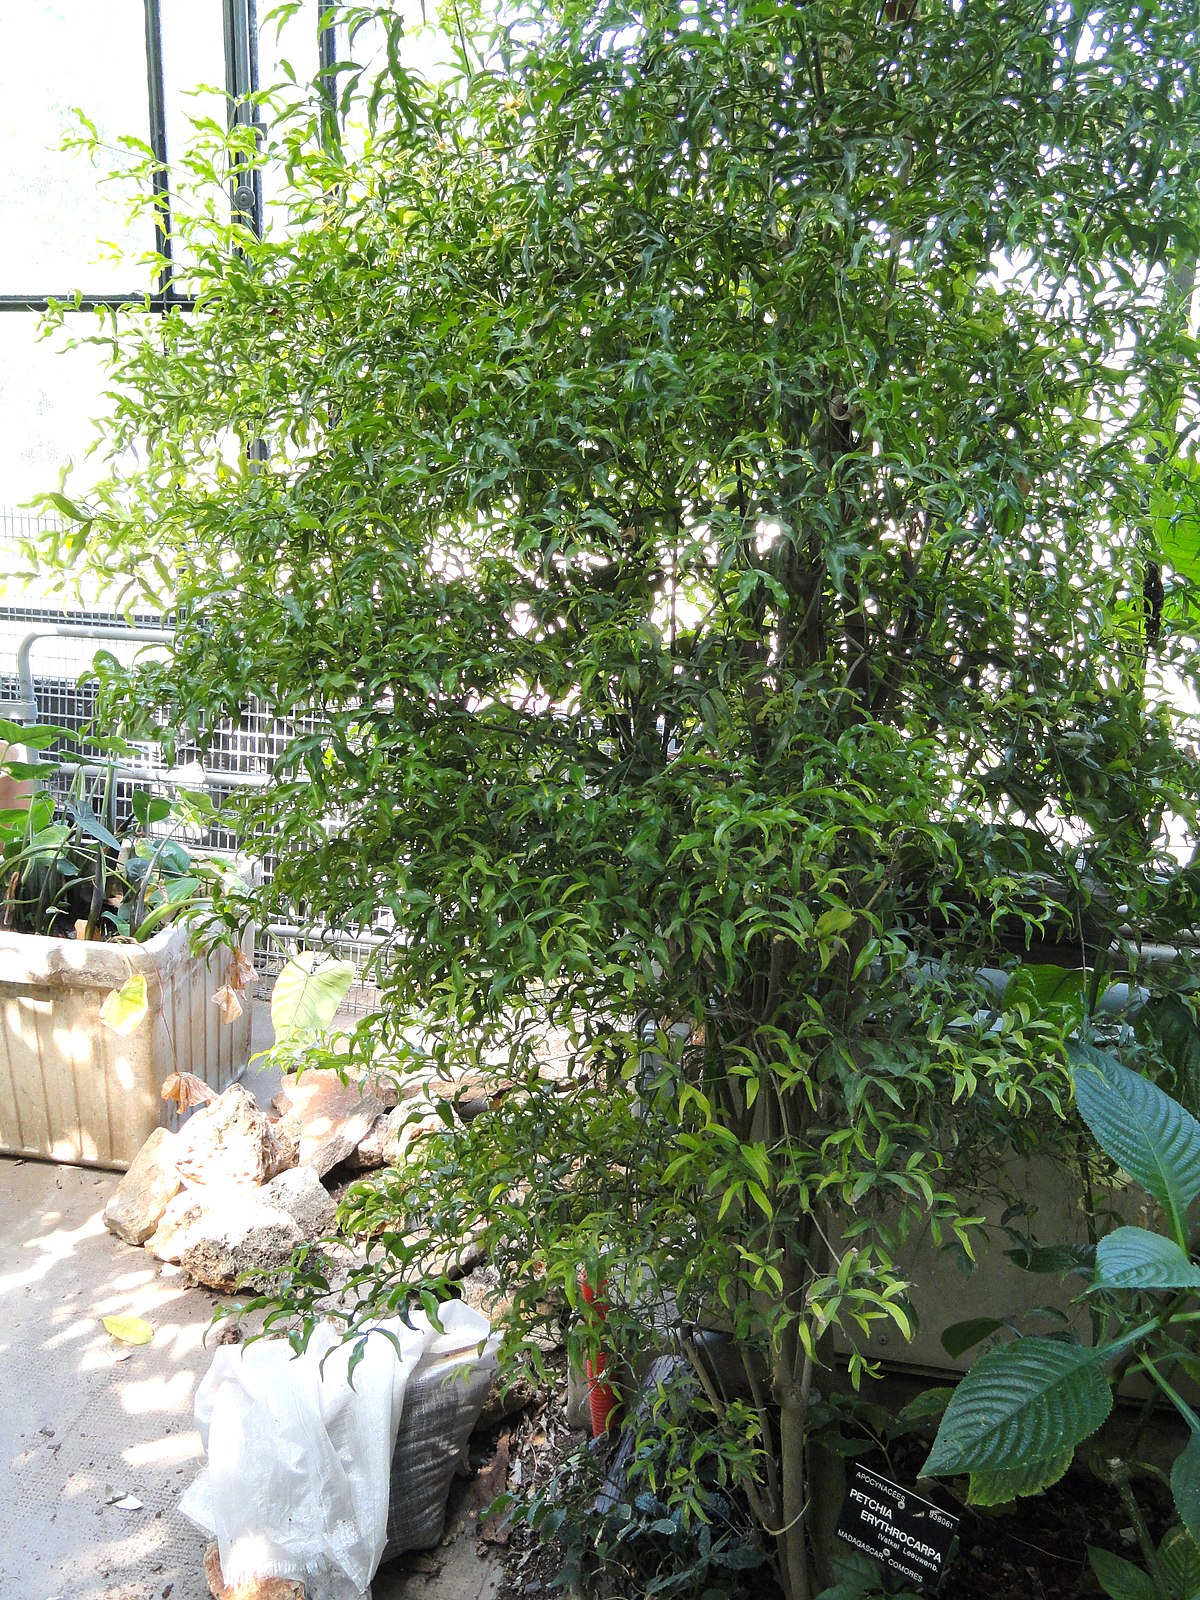 Petchia wikidata for Jardin botanique de conception